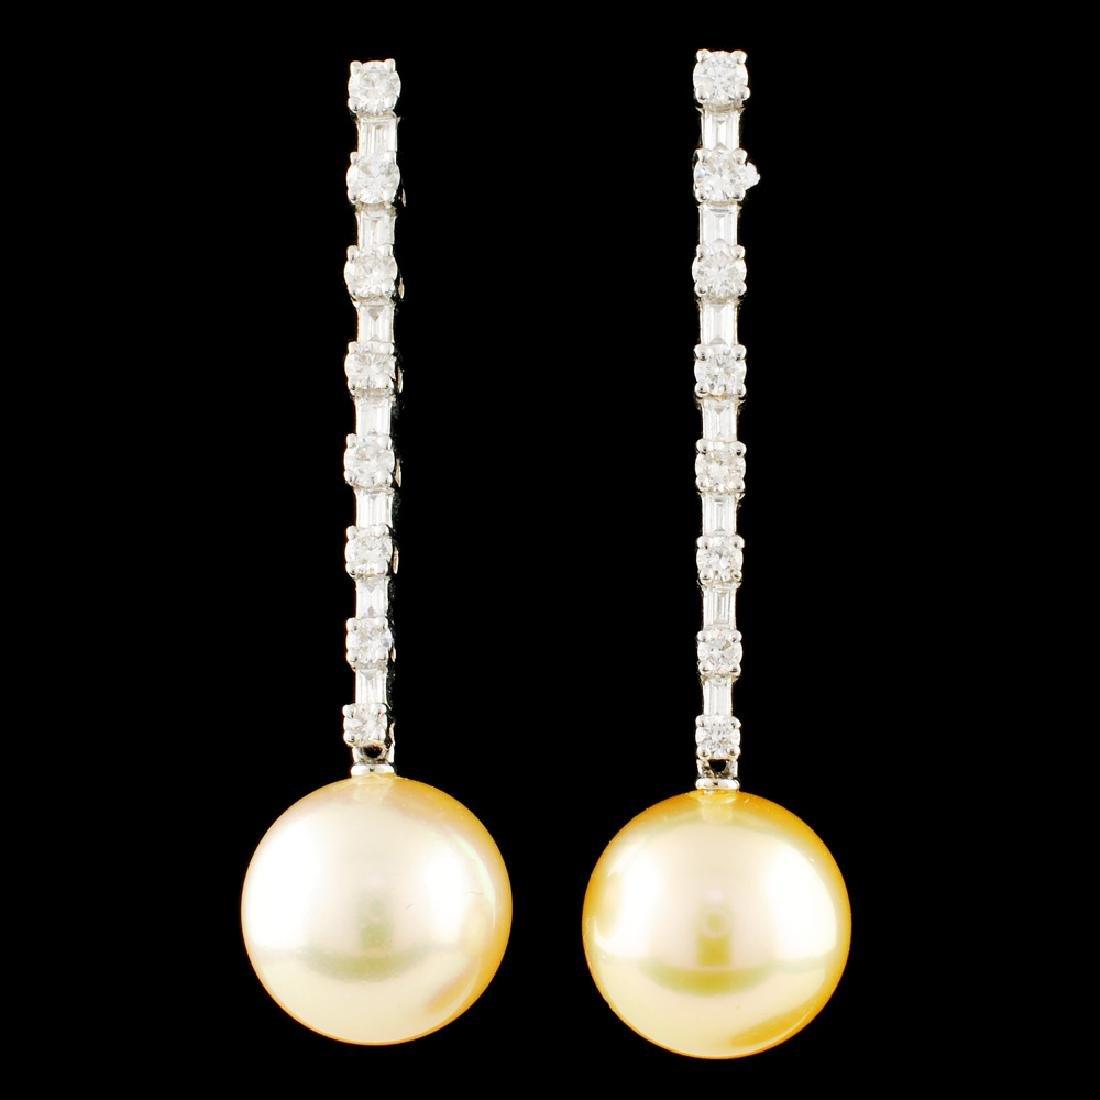 18K Gold 11.00MM Pearl & 0.76ctw Diamond Earrings